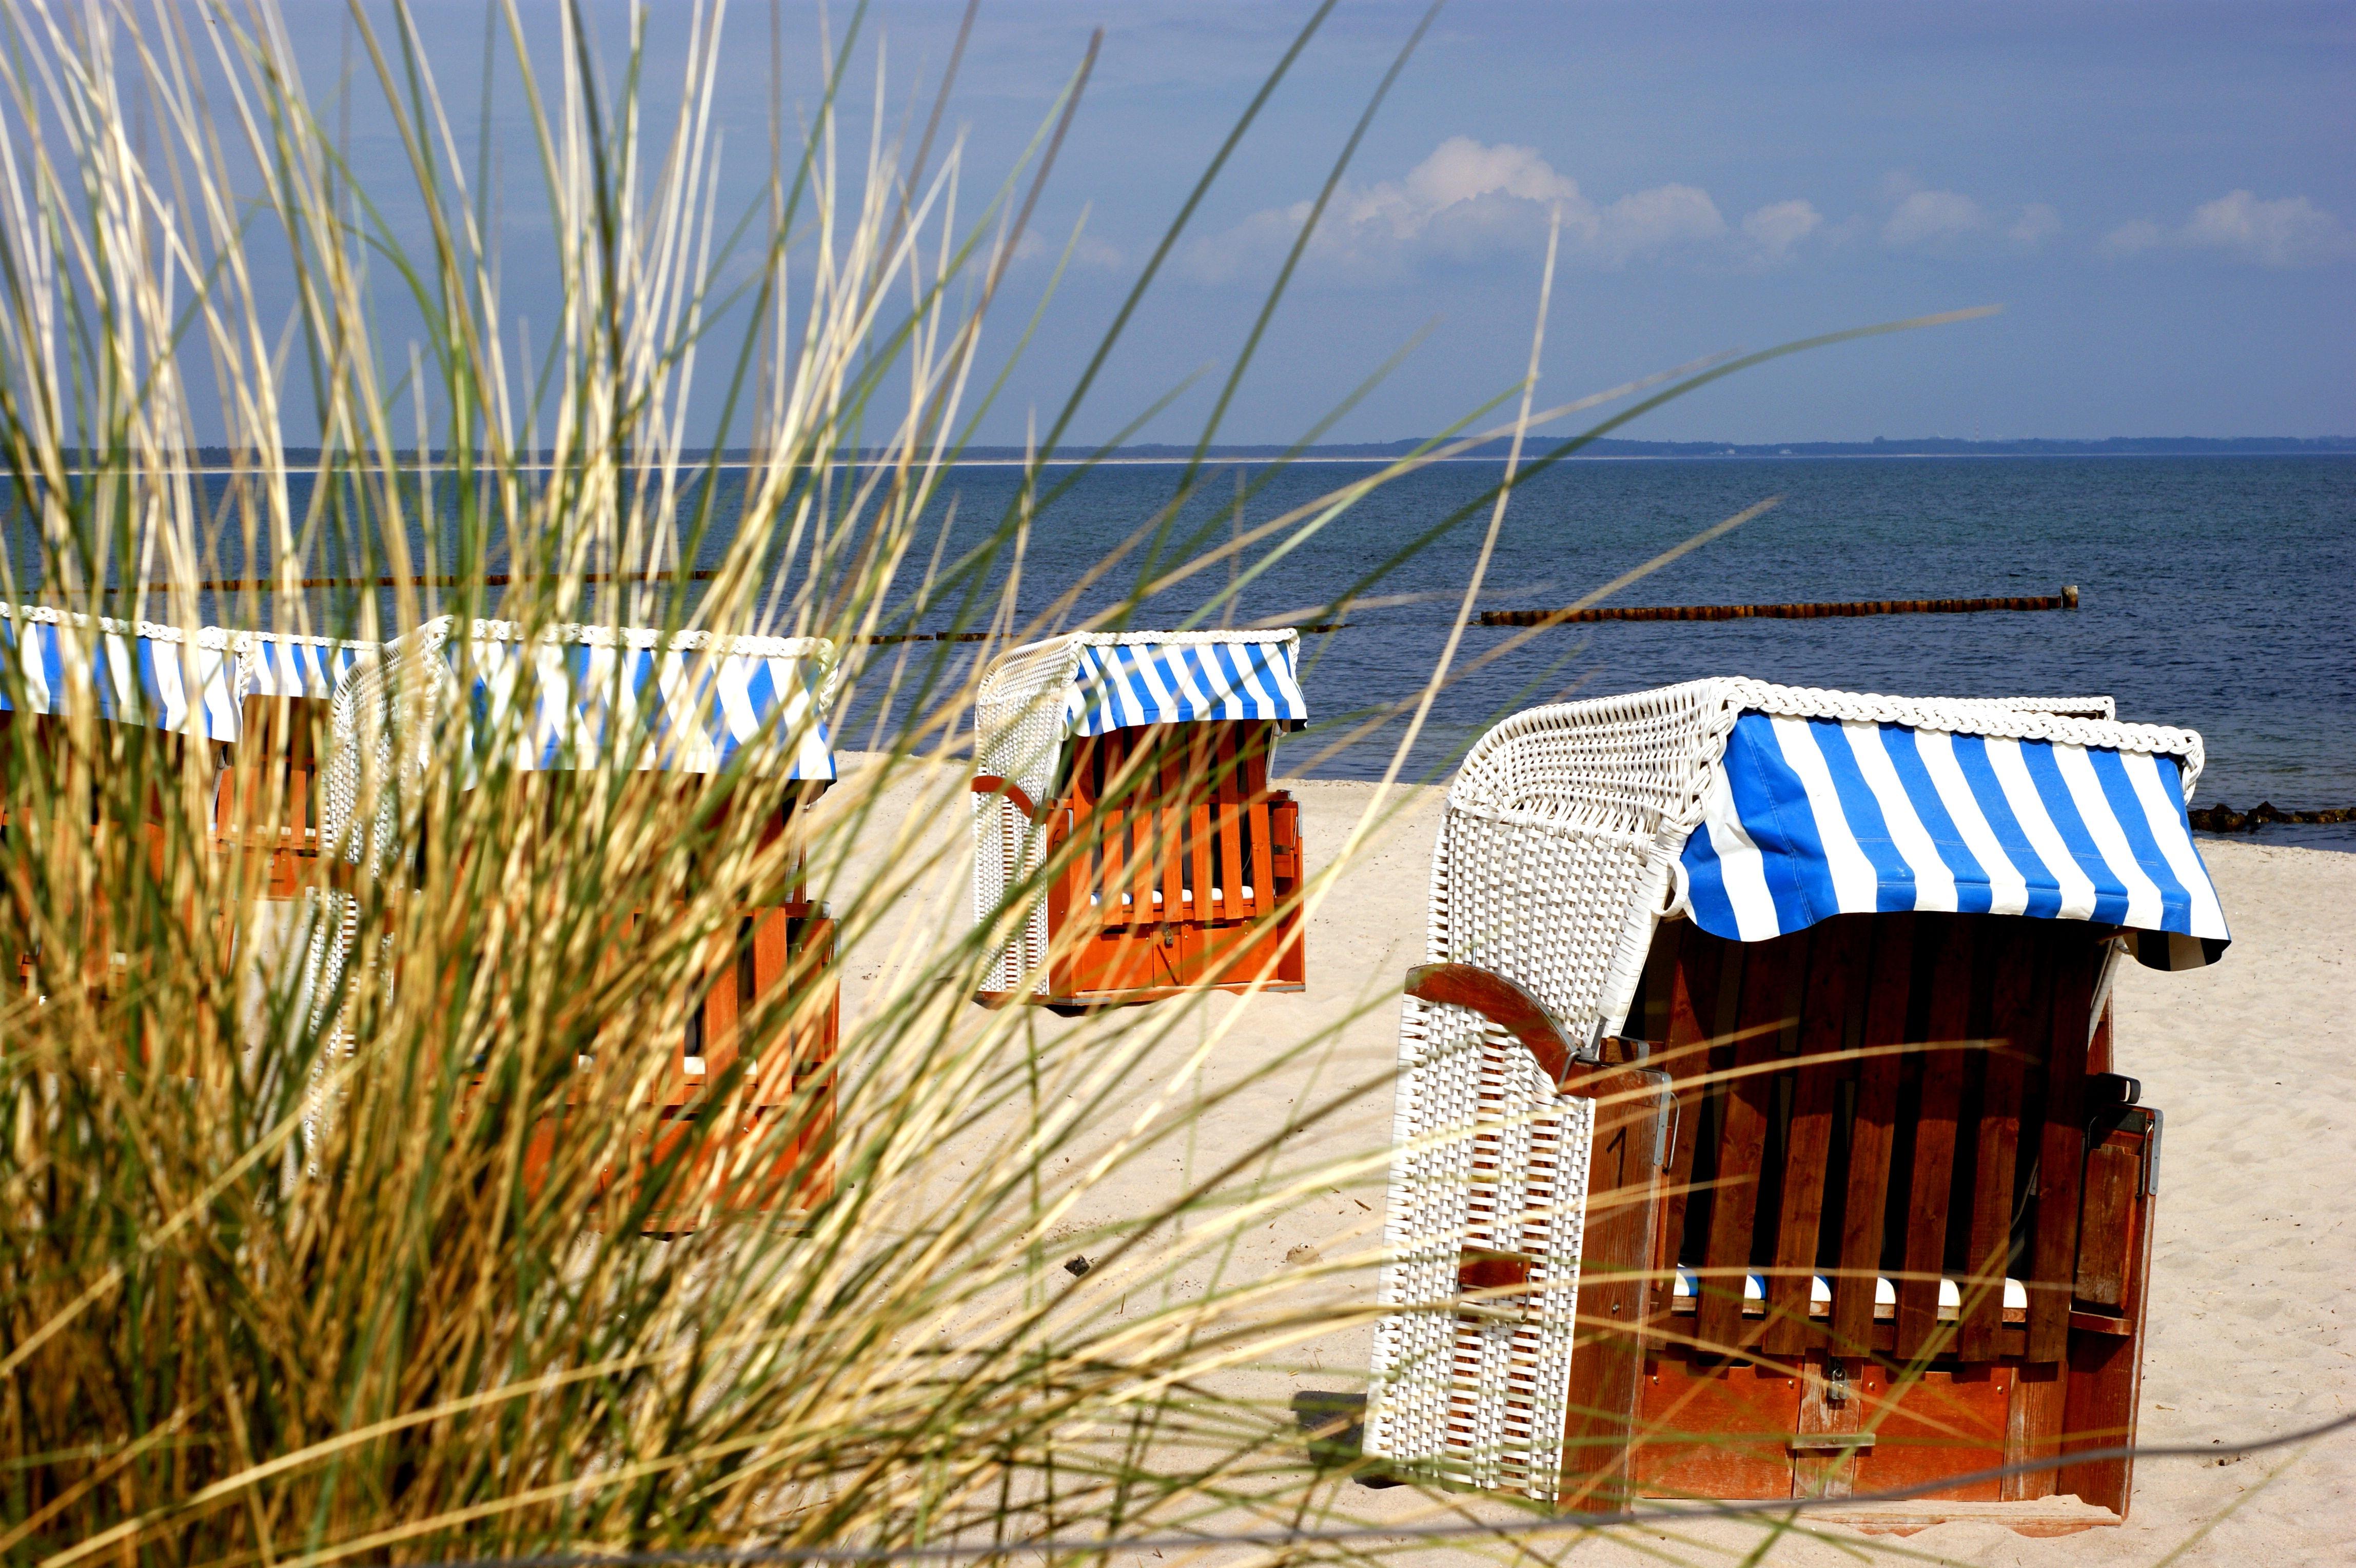 Fantastisk Bakgrundsbilder : hav, vind, Östersjön, strand stol, rugen, gräs VT37